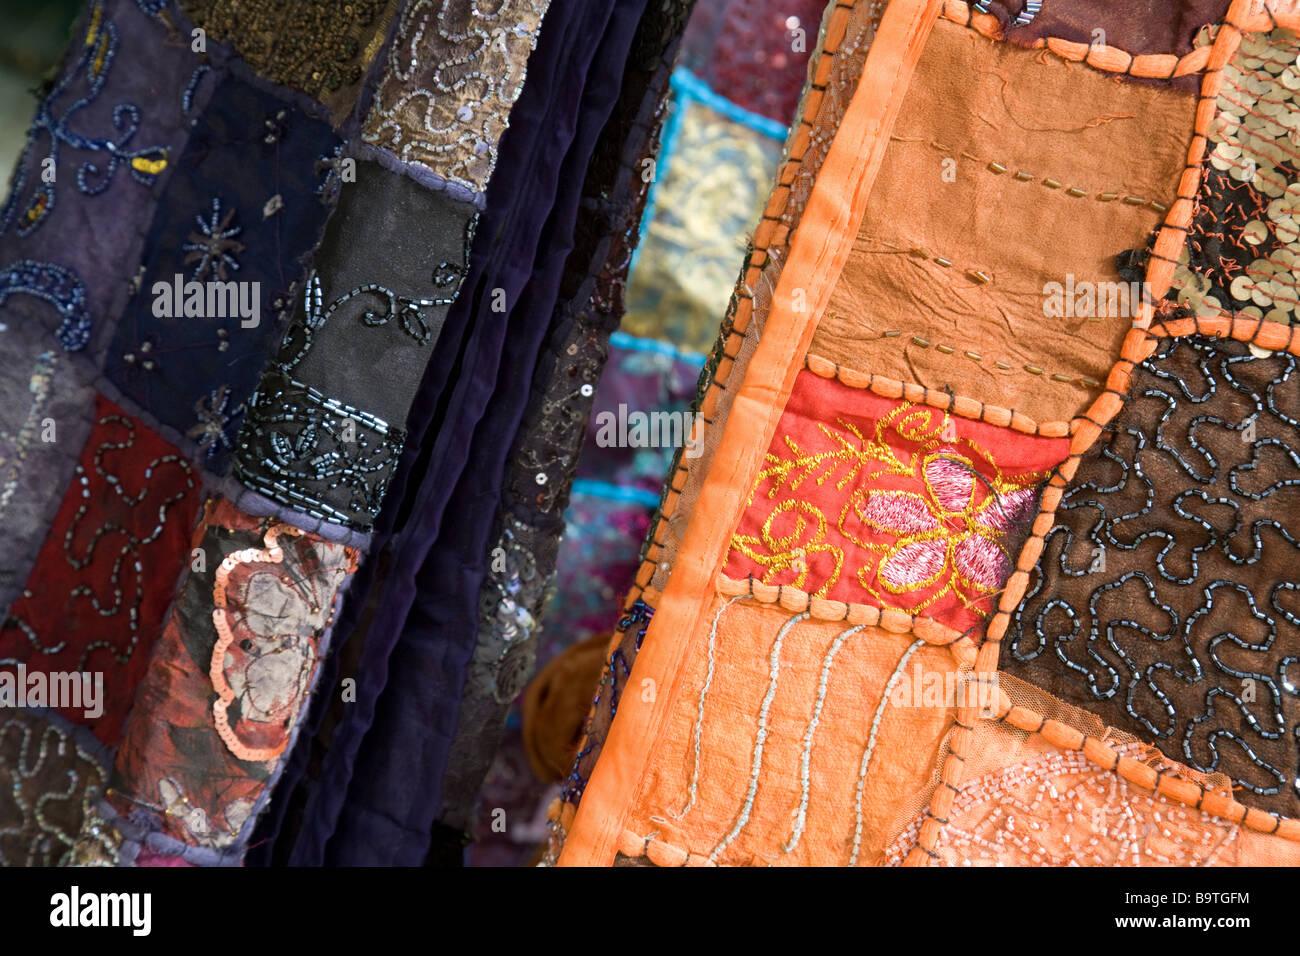 Close up di materiale colorato per la vendita, Giordania Immagini Stock